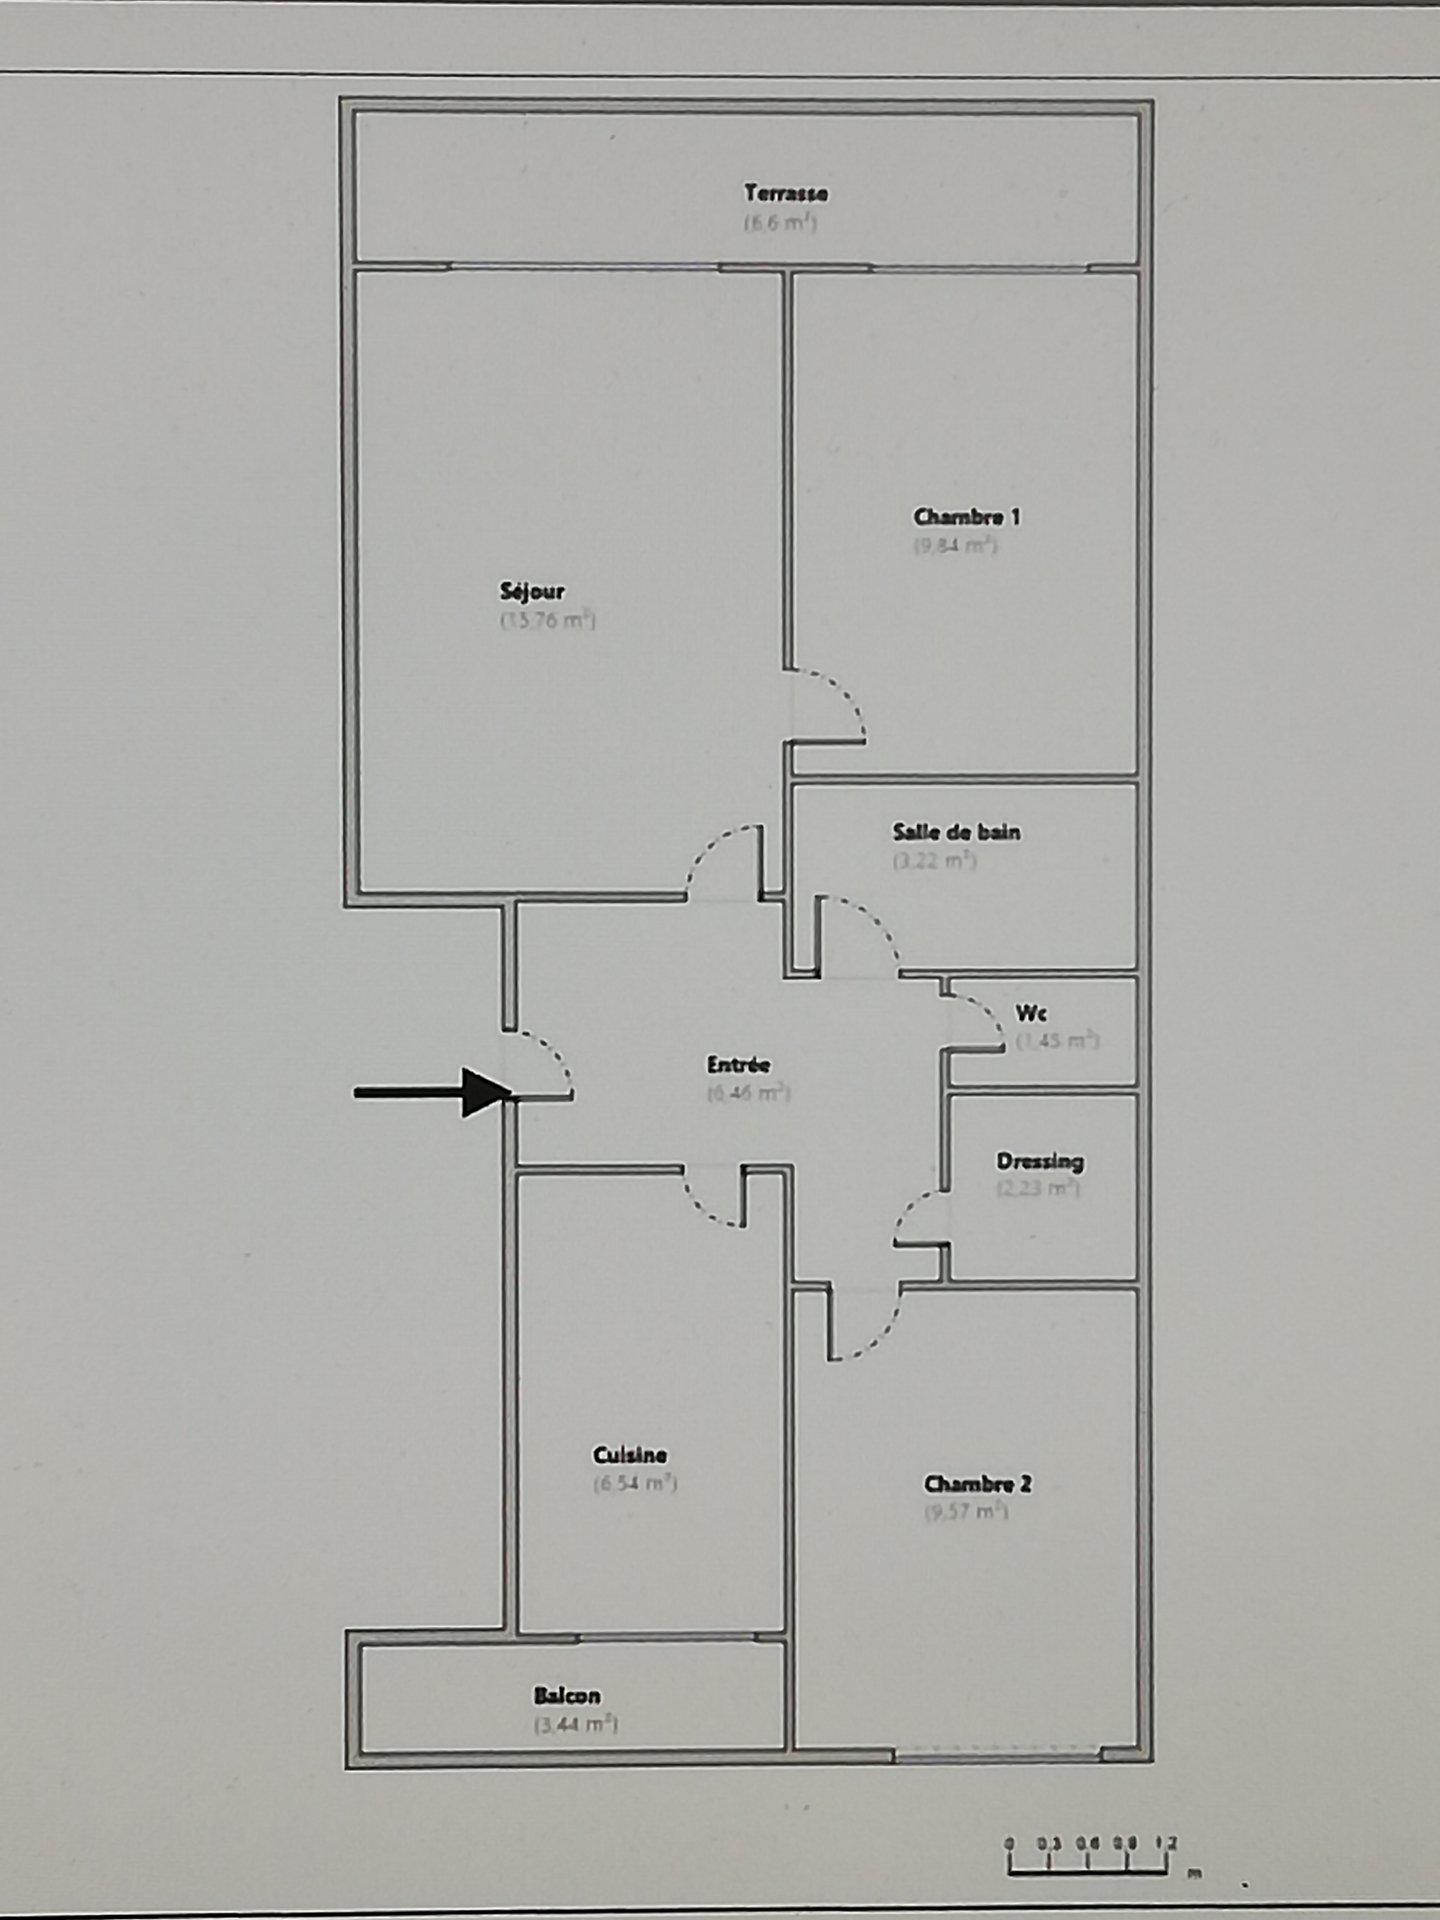 Verkoop Appartement - Nice